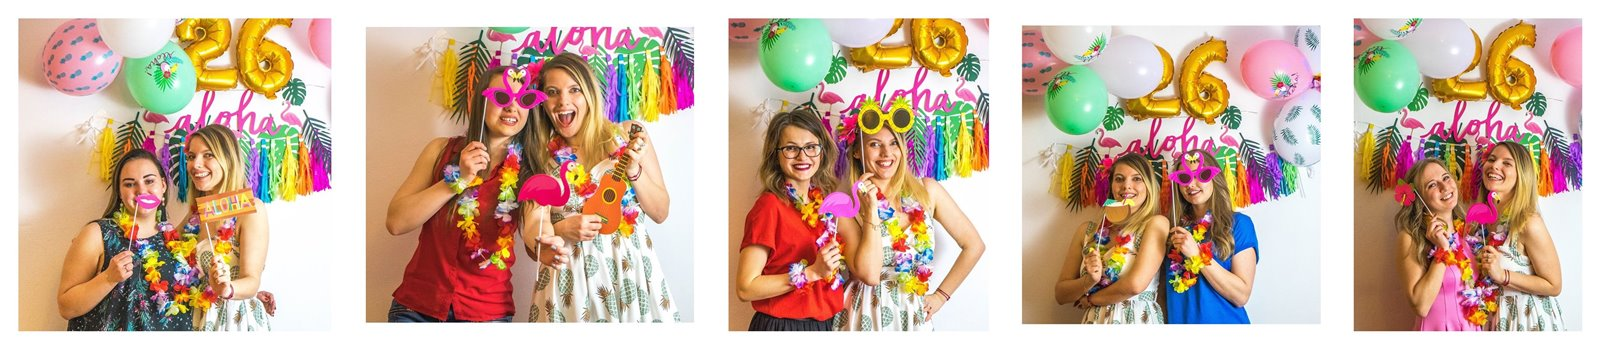 18a  jak zorganizować atrakcje na urodziny imprezy dla dorosłych fotobudka diy pomysły na urodziny co zrobić atrakcje jedzenie zdjęcia pamiątki dodatki styl hawajski tematyczne urodziny imprezy